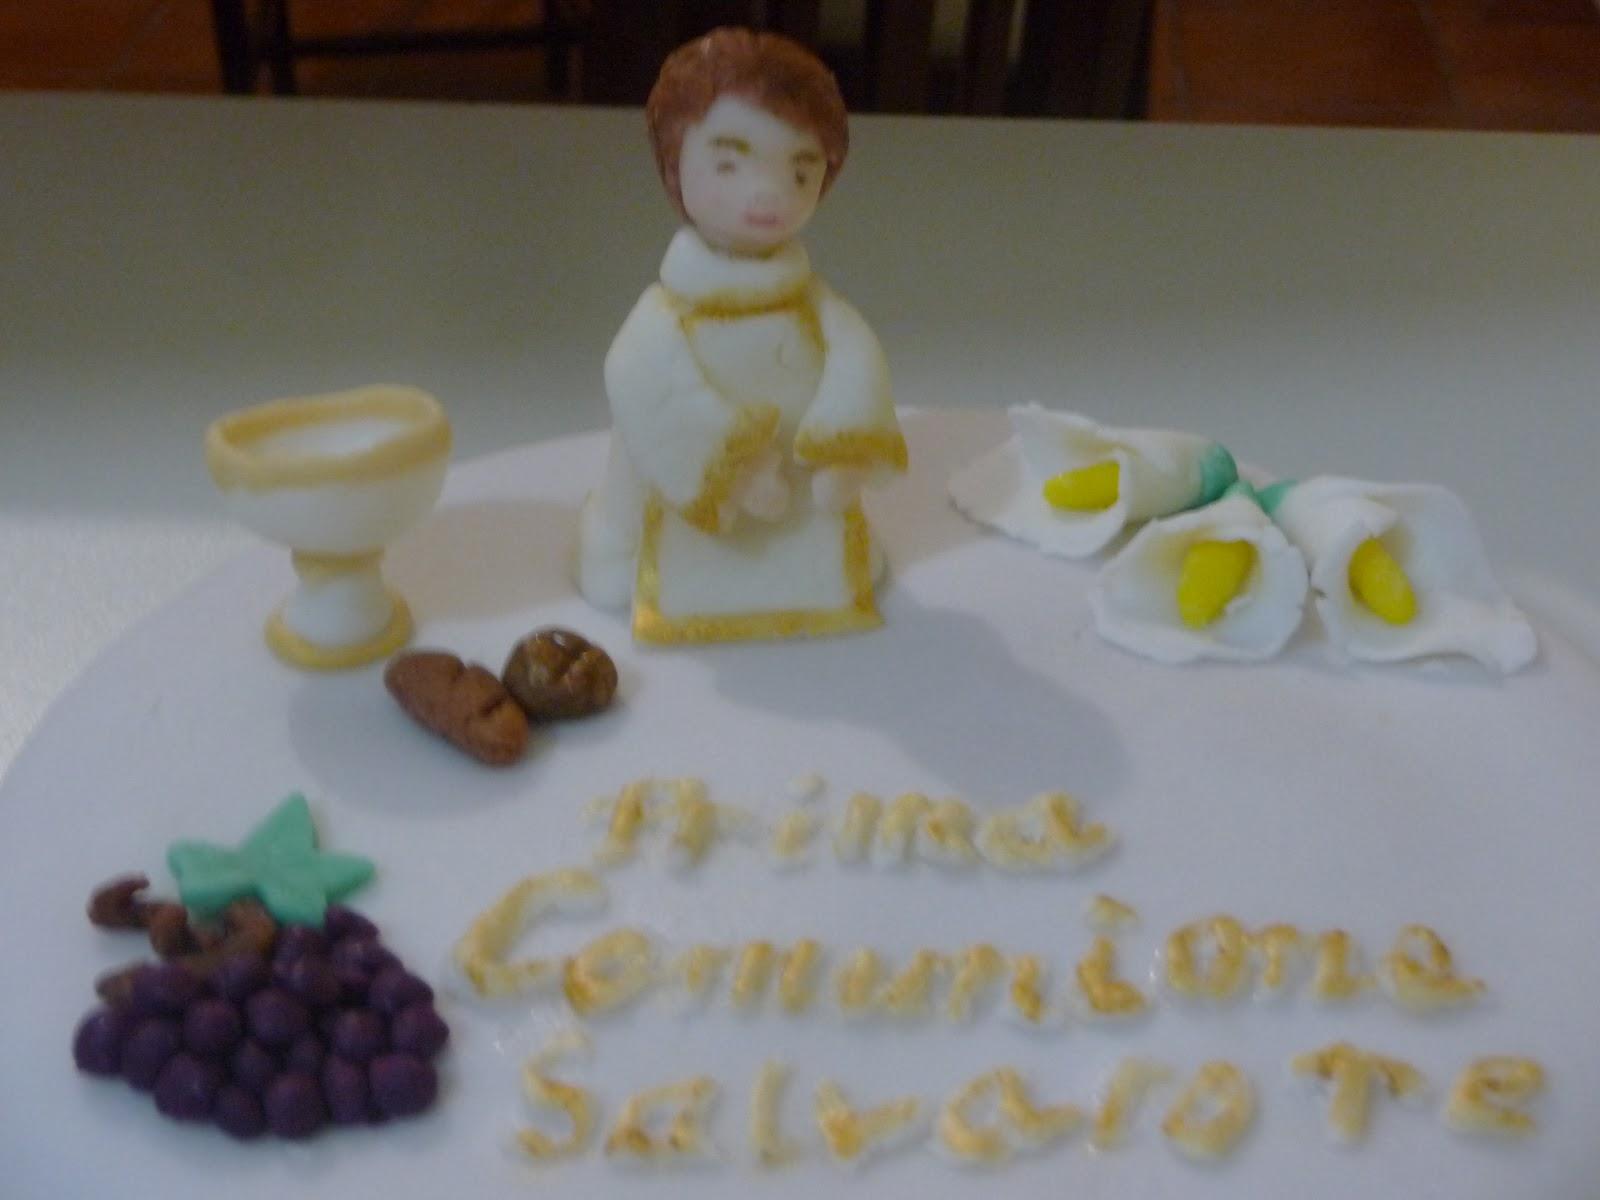 Preferenza Torta Prima Comunione Salvatore - Pasta e non solo QA18